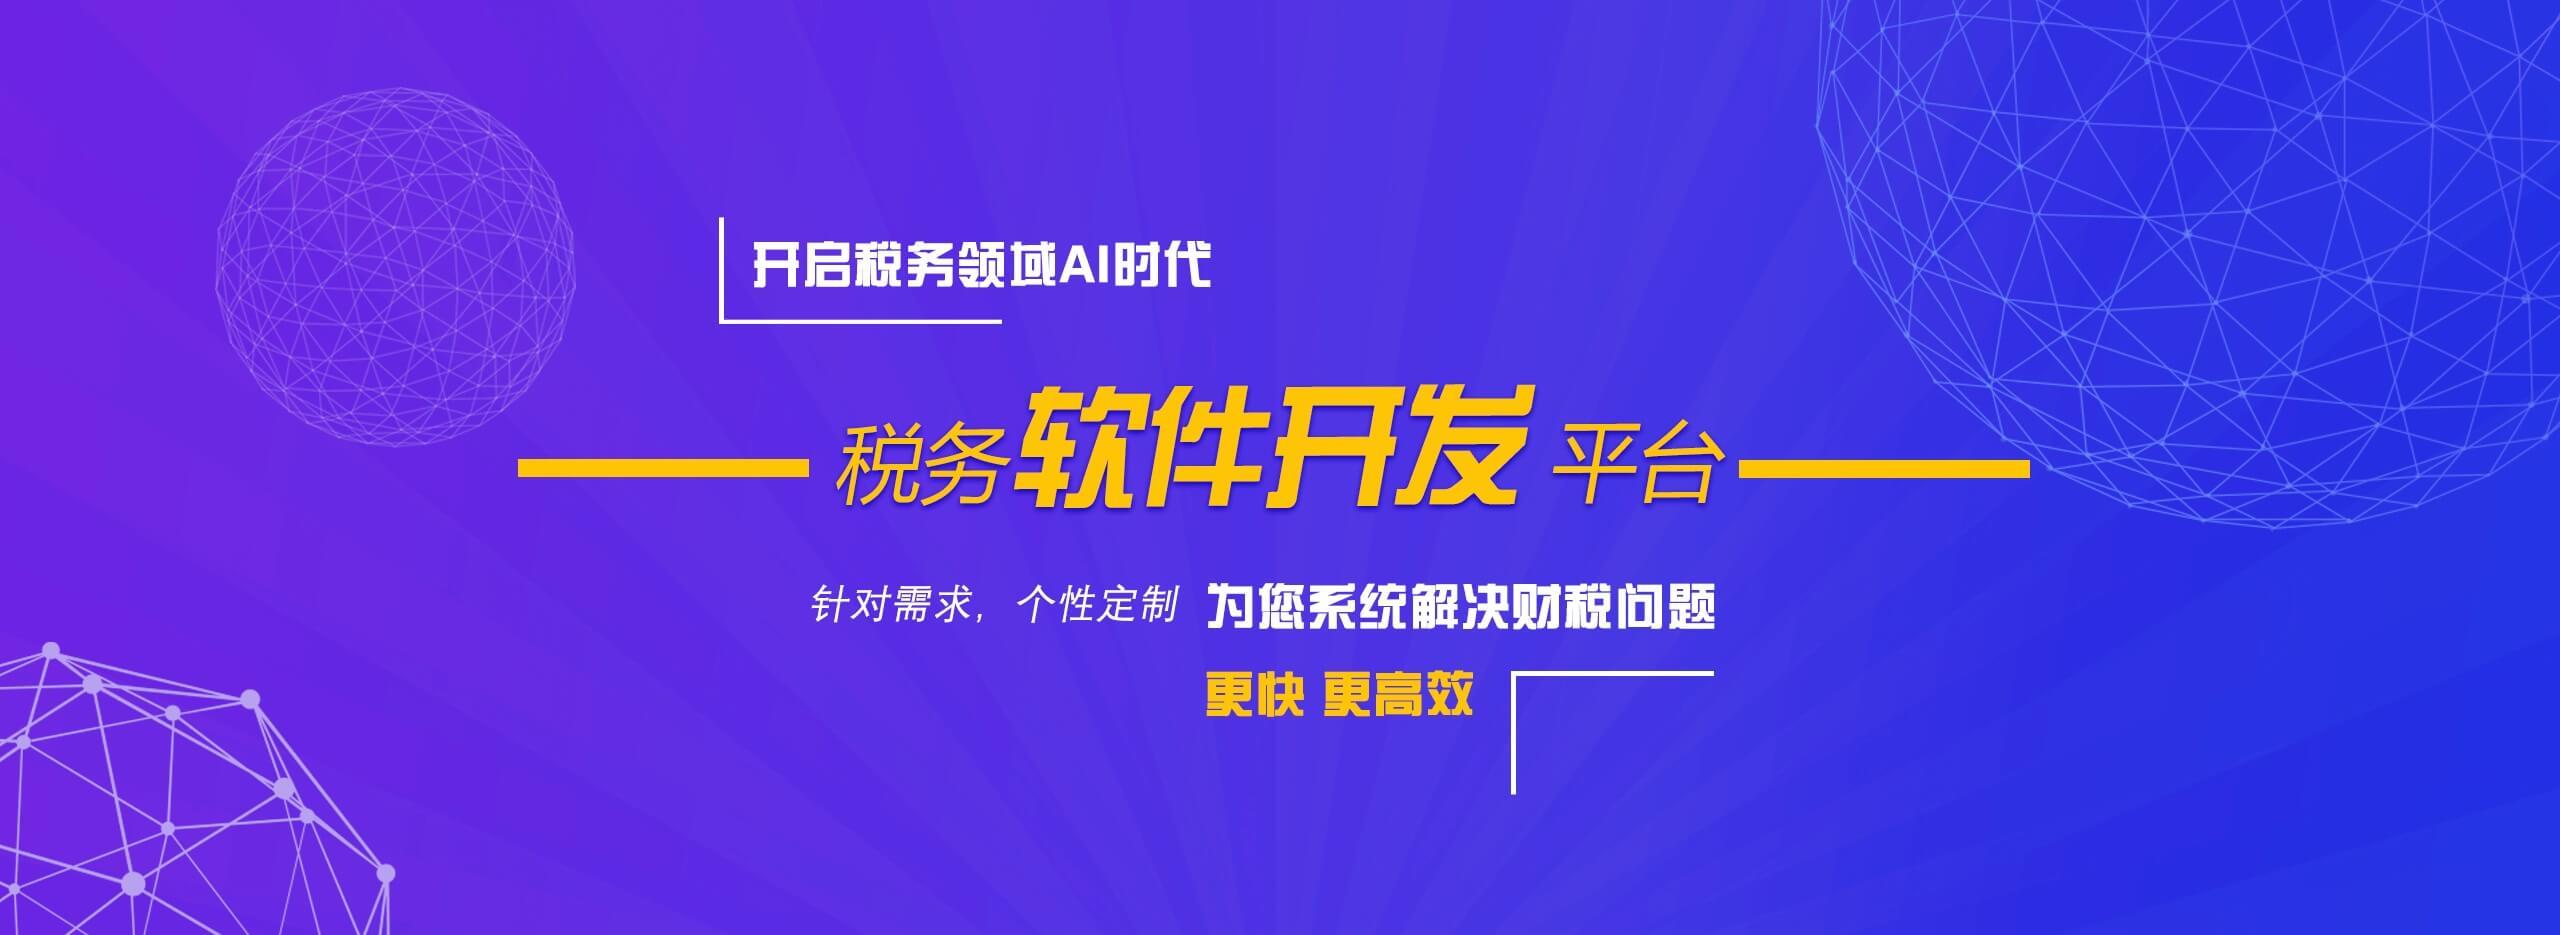 花瓣儿财税banner3